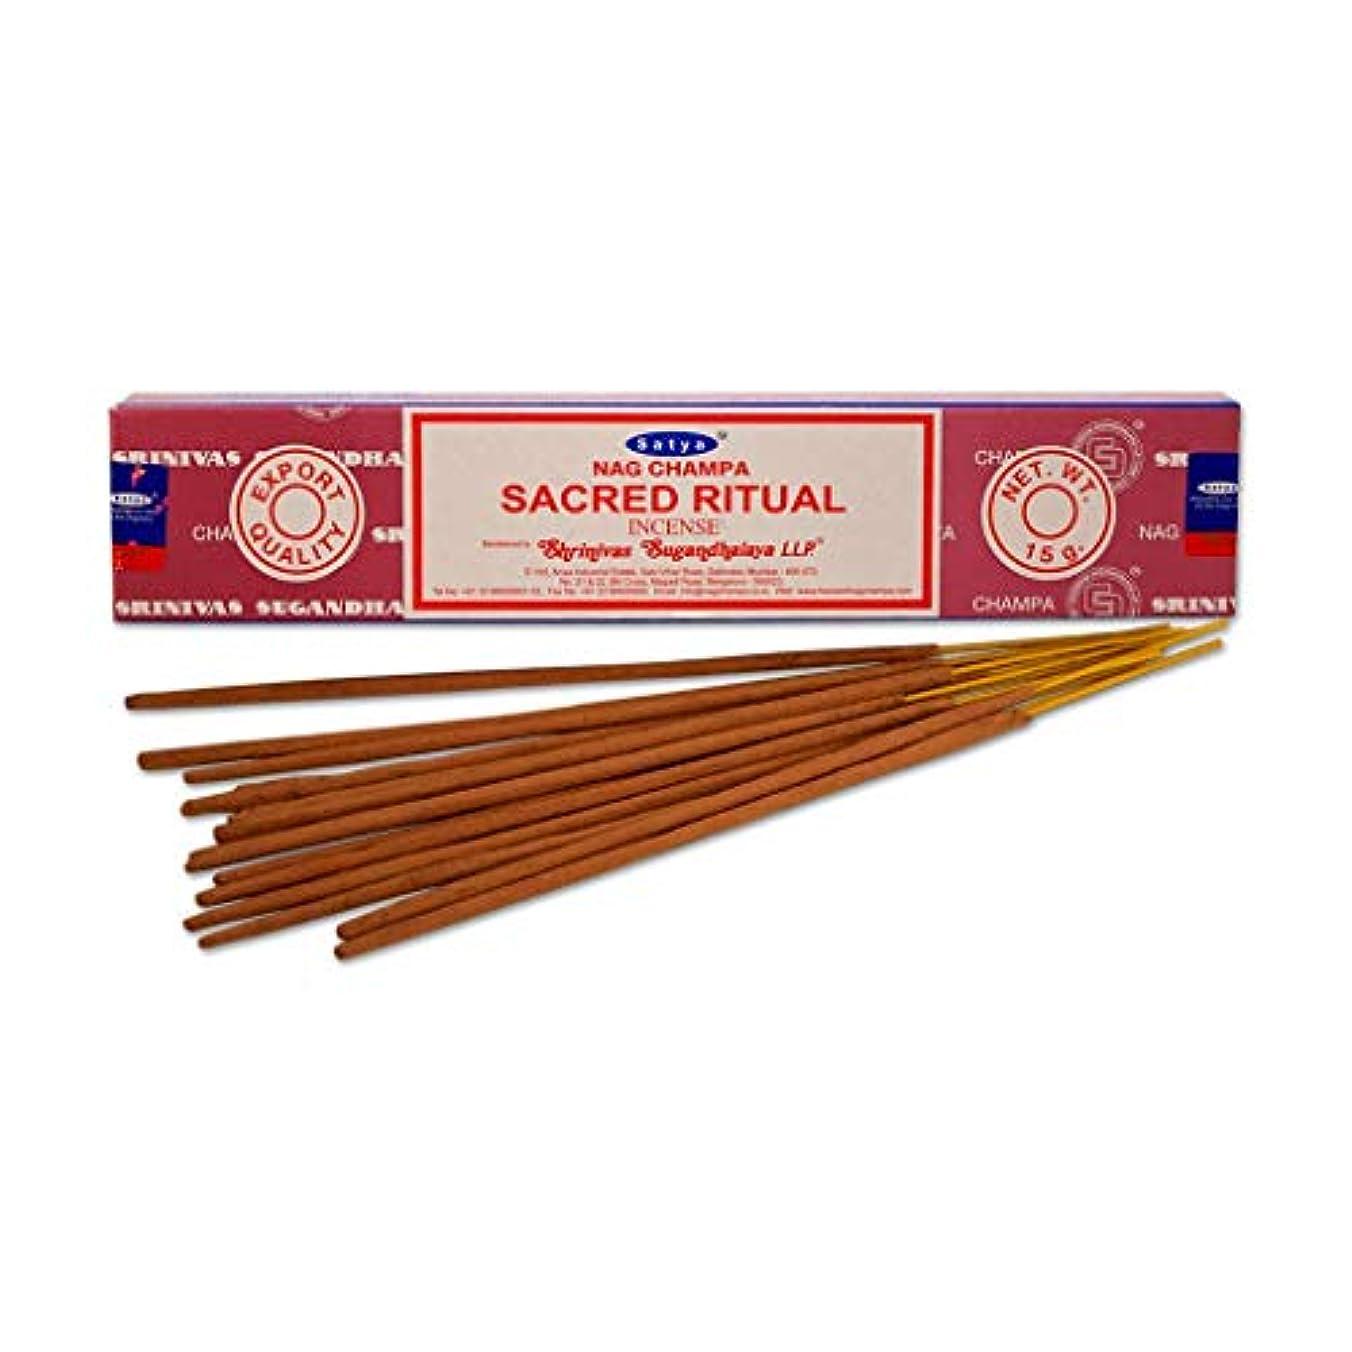 校長再開建物Satya Nag Champa Sacred Ritual お香スティック Agarbatti 180グラムボックス   15グラム入り12パック 箱入り   輸出品質